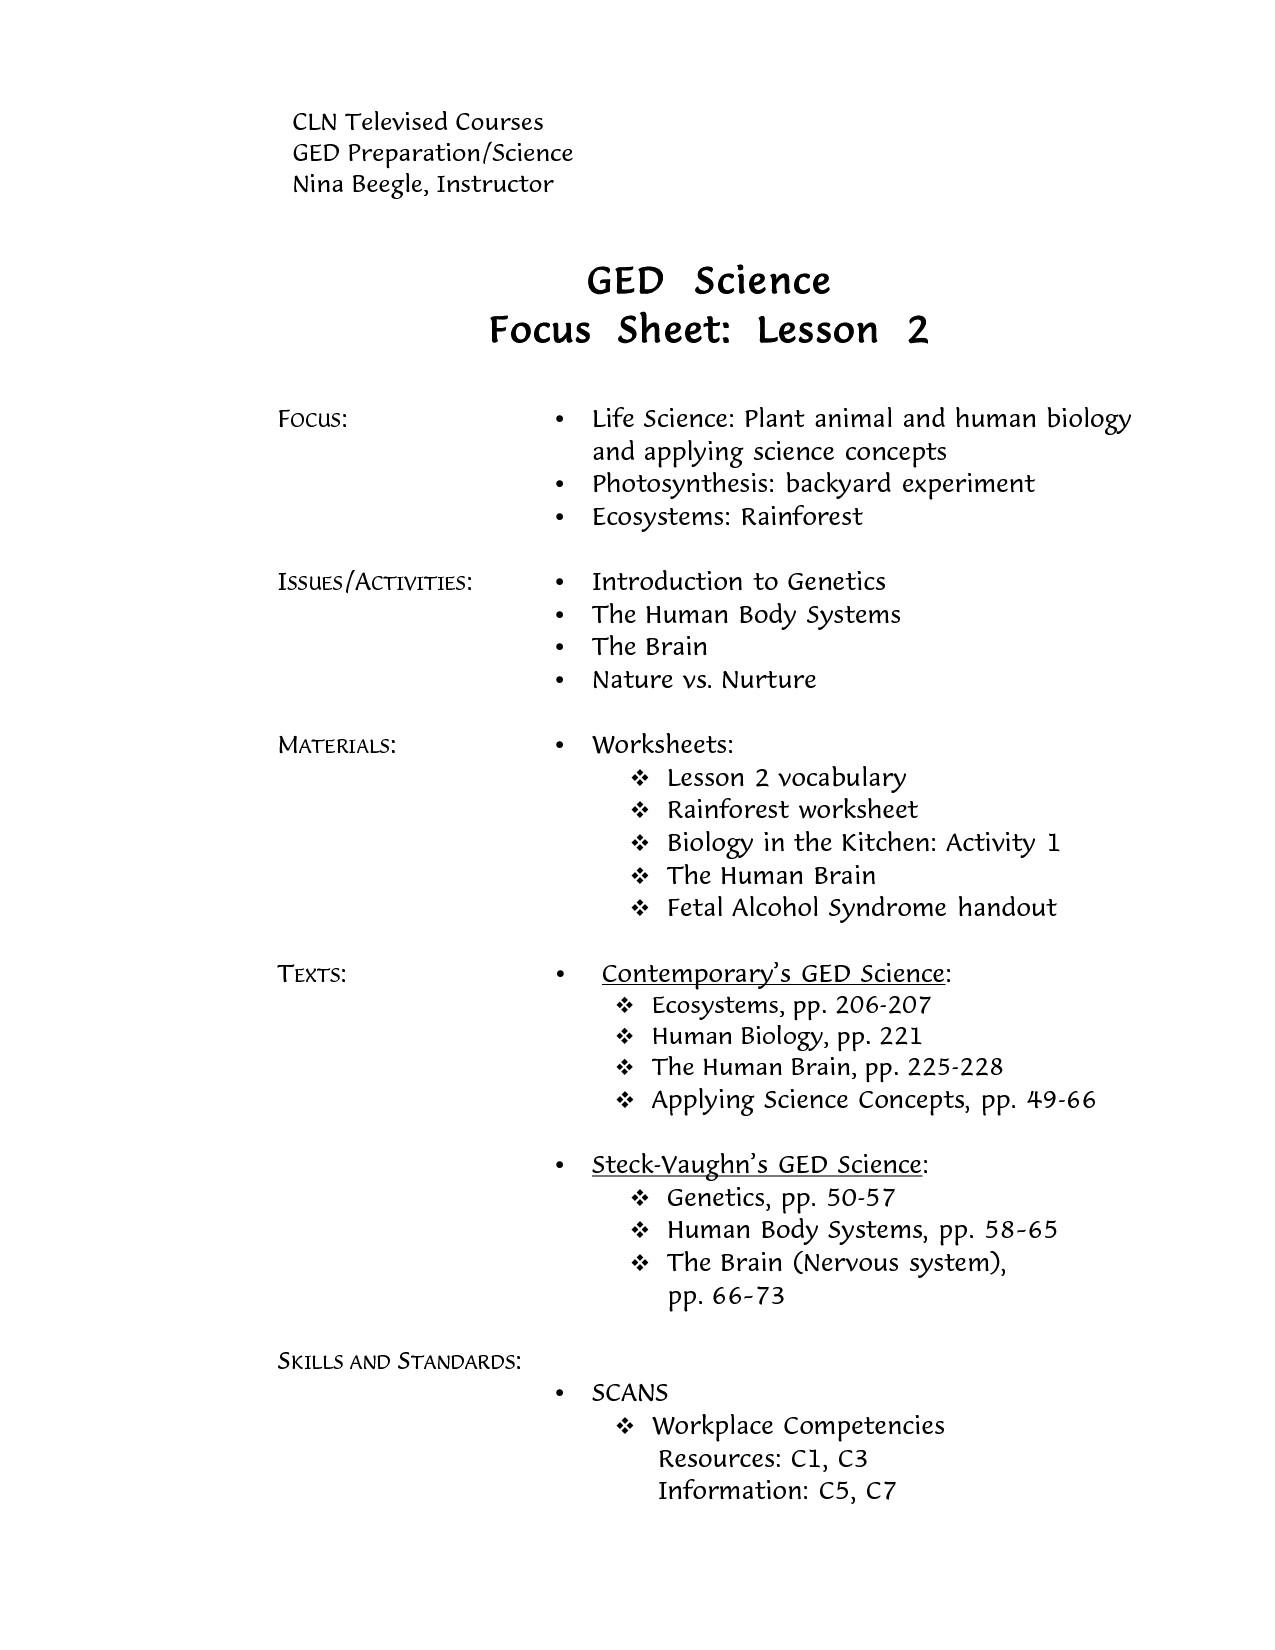 Ged Practice Worksheets Printable Ged Practice Graphing - Free Printable Ged Science Worksheets